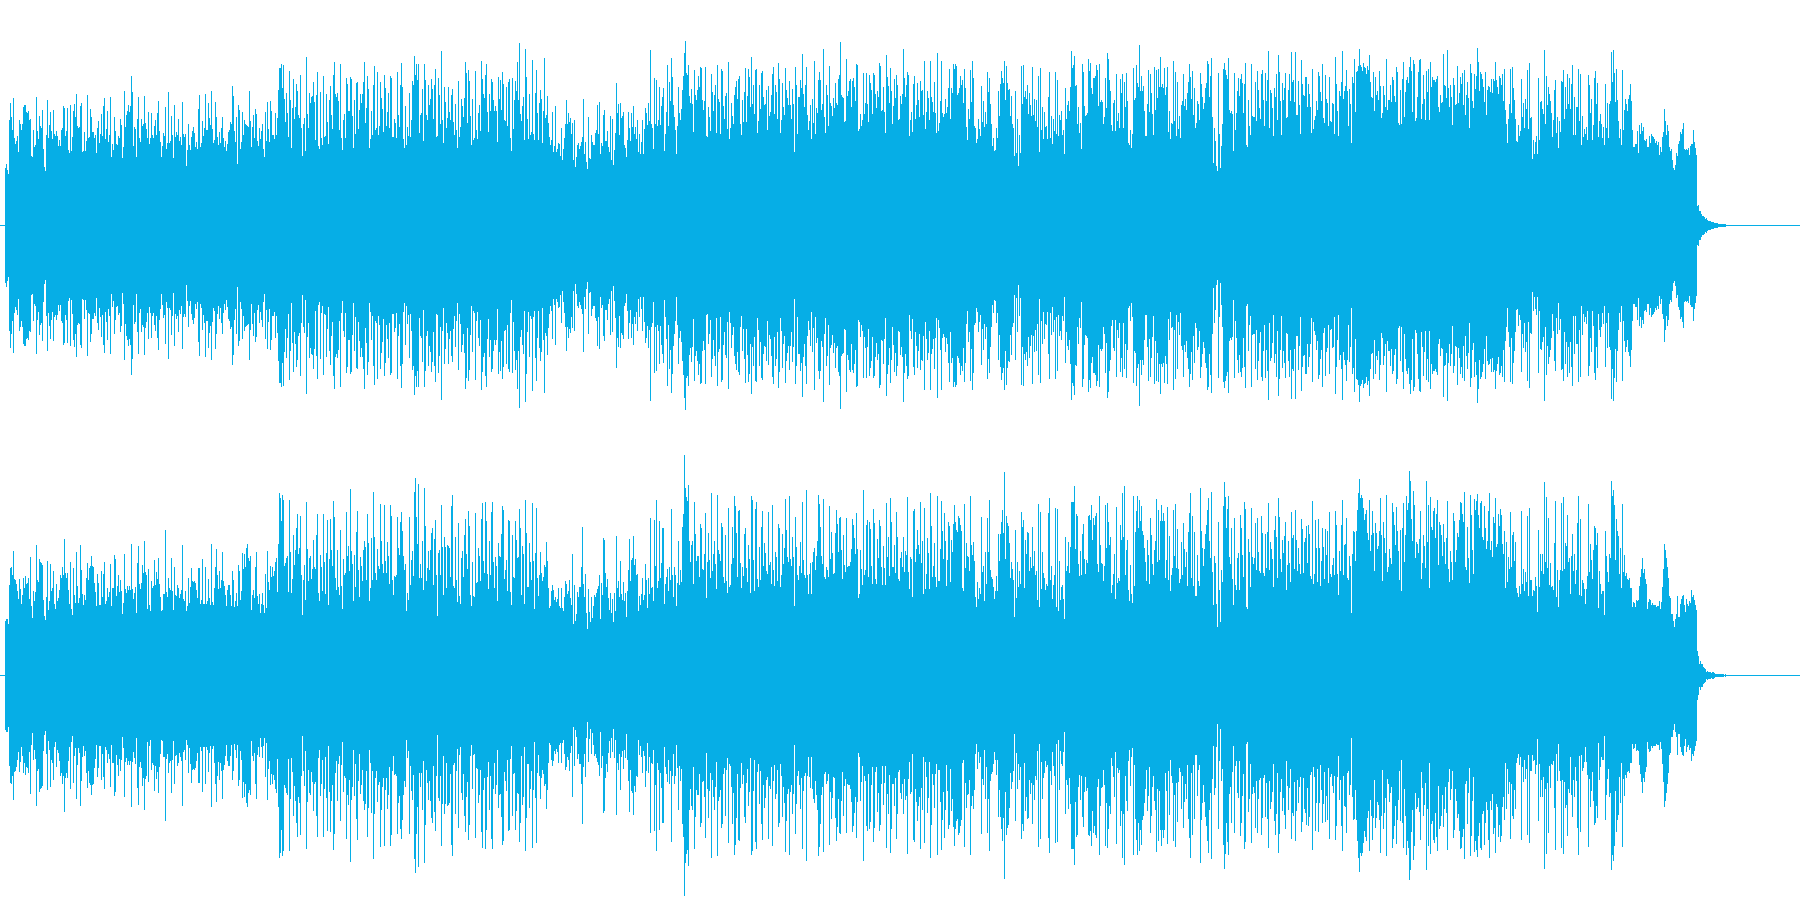 緊迫感のあるテクノ/アンダーグランドの再生済みの波形